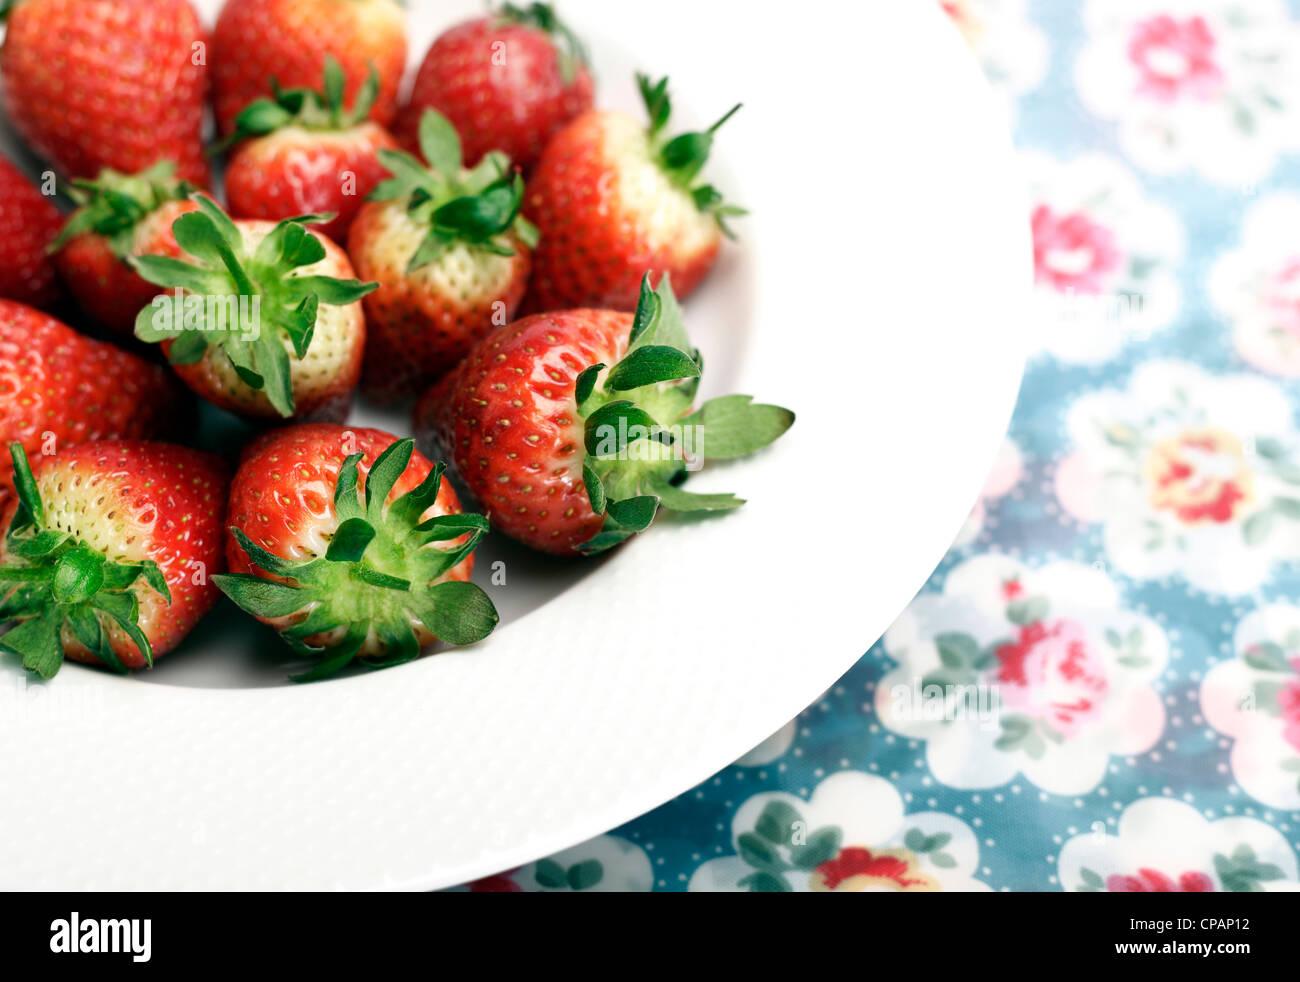 Schale mit Erdbeeren auf einer floral Tischdecke Stockbild